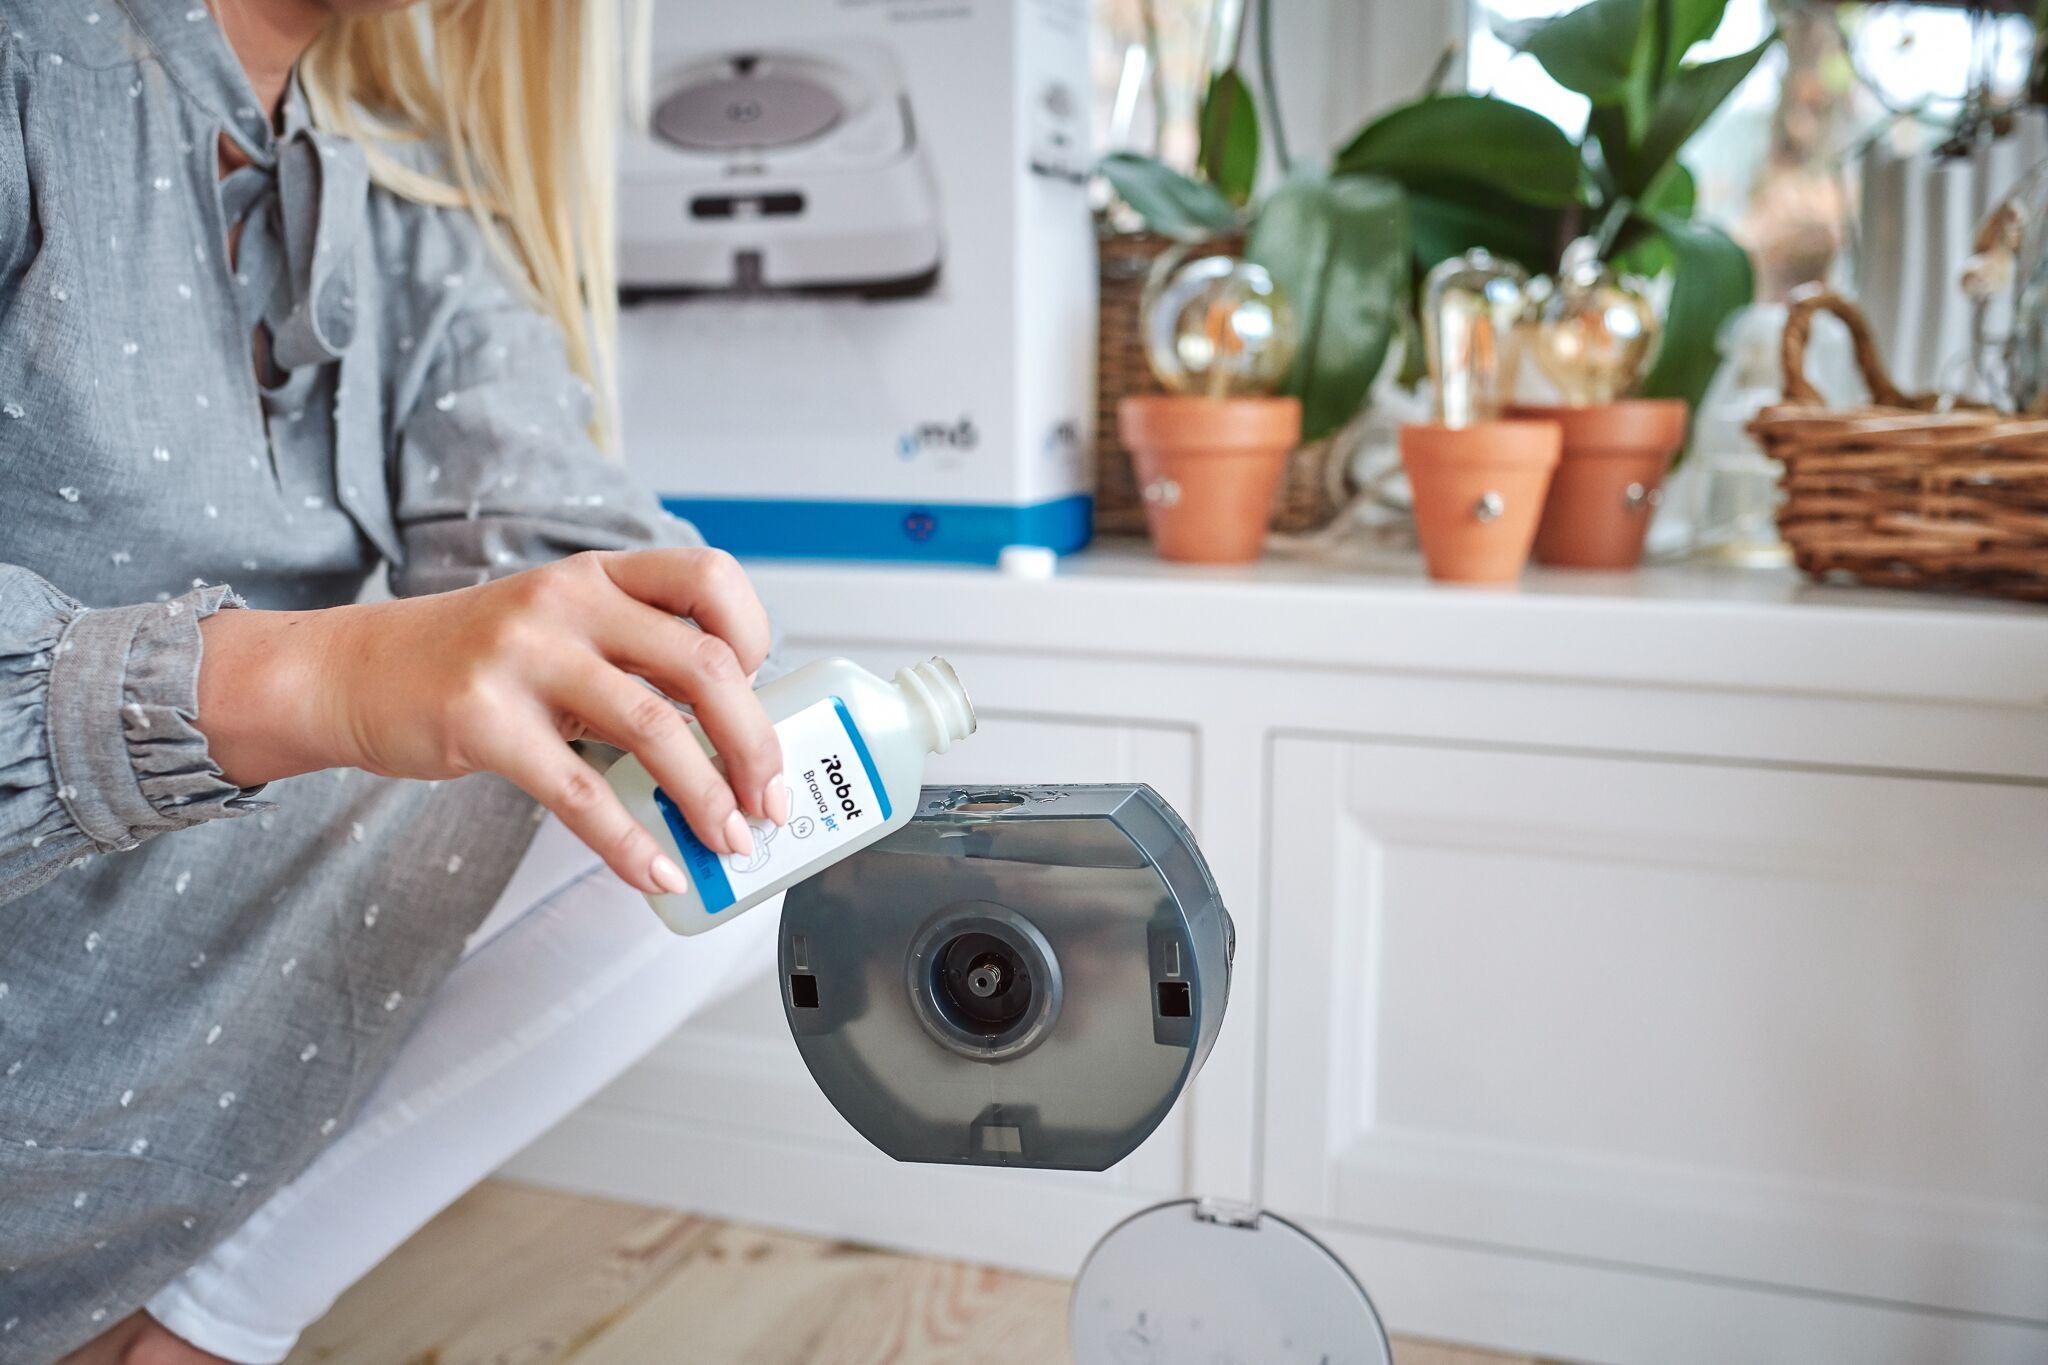 robot-ktory-myje-podlogi